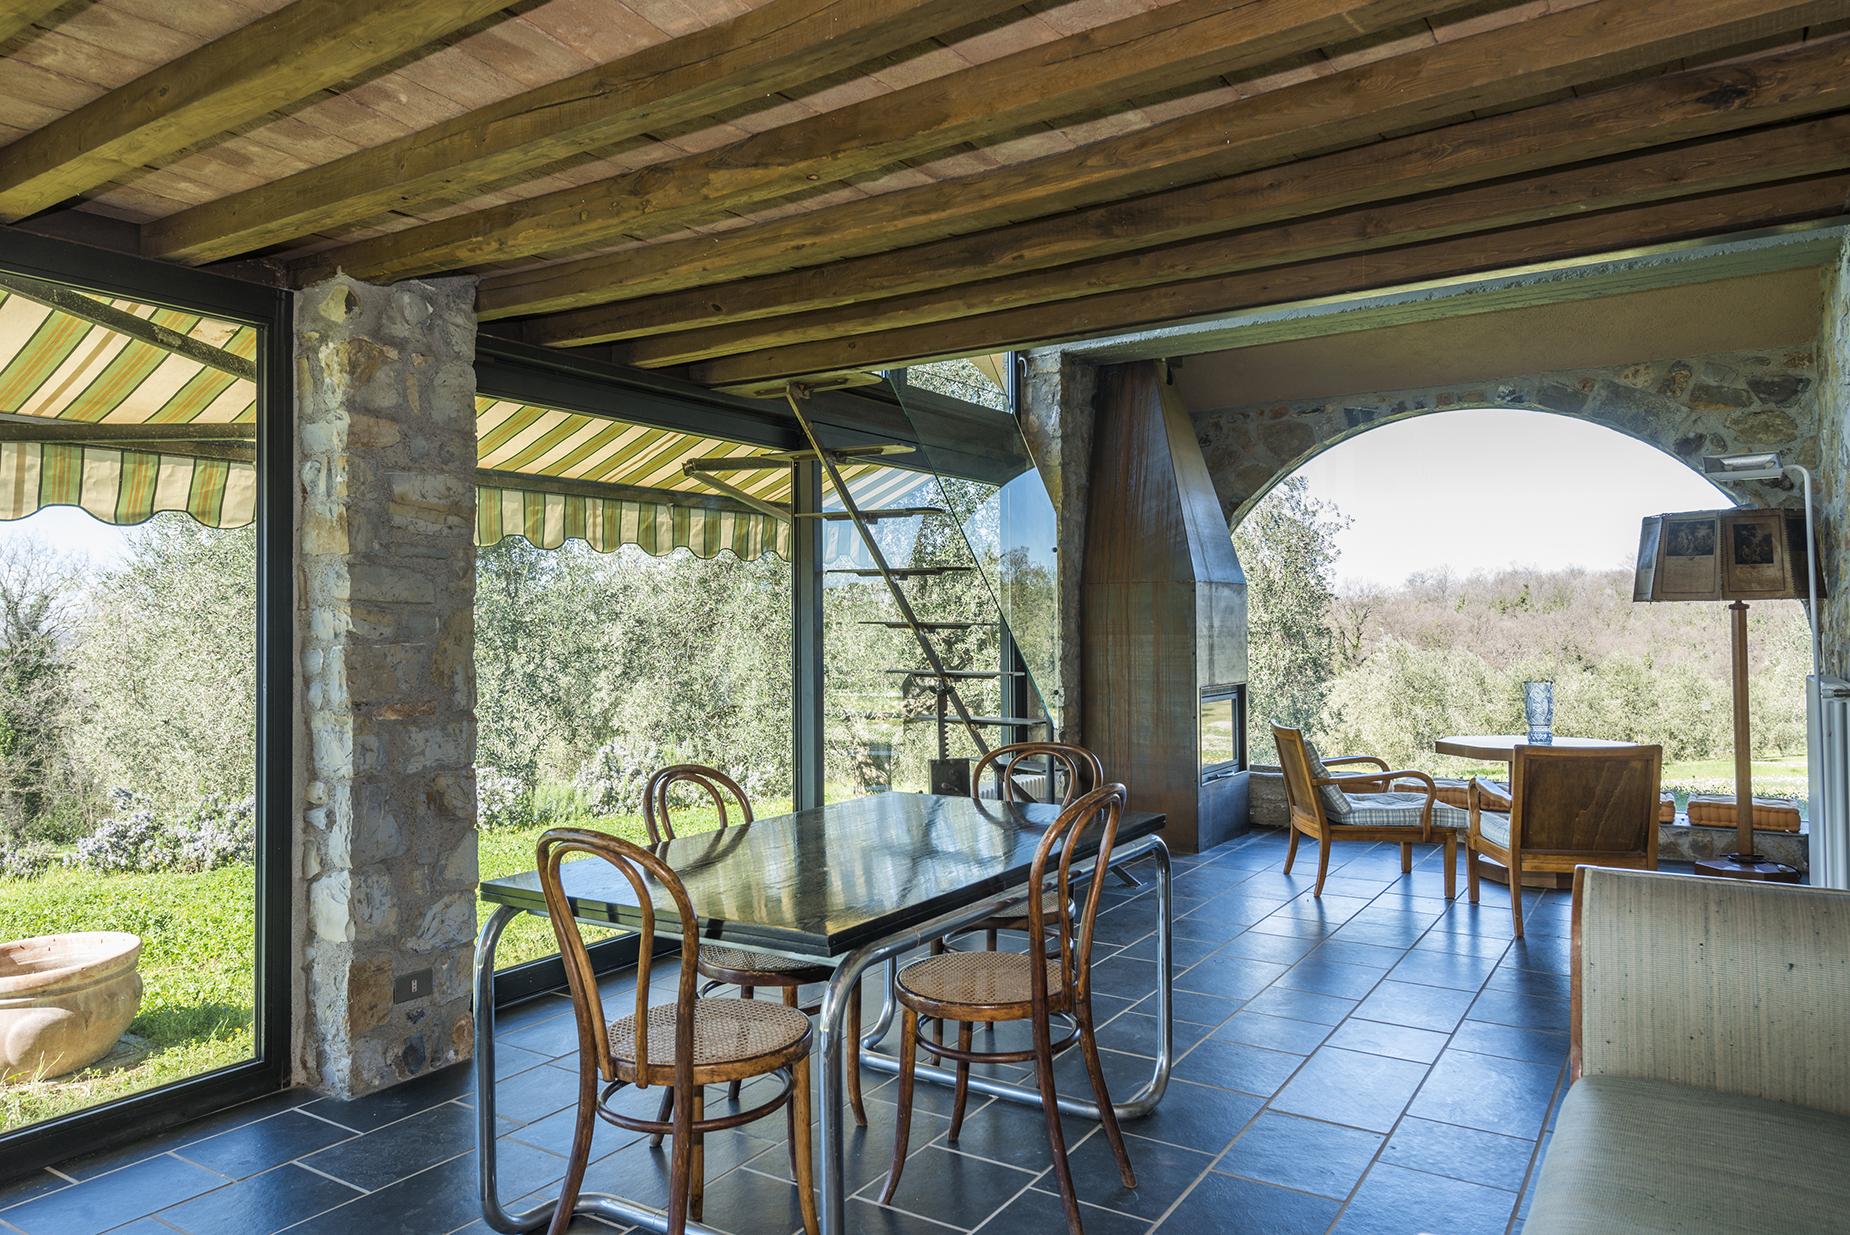 Villa in Vendita a Magliano In Toscana: 5 locali, 141 mq - Foto 1